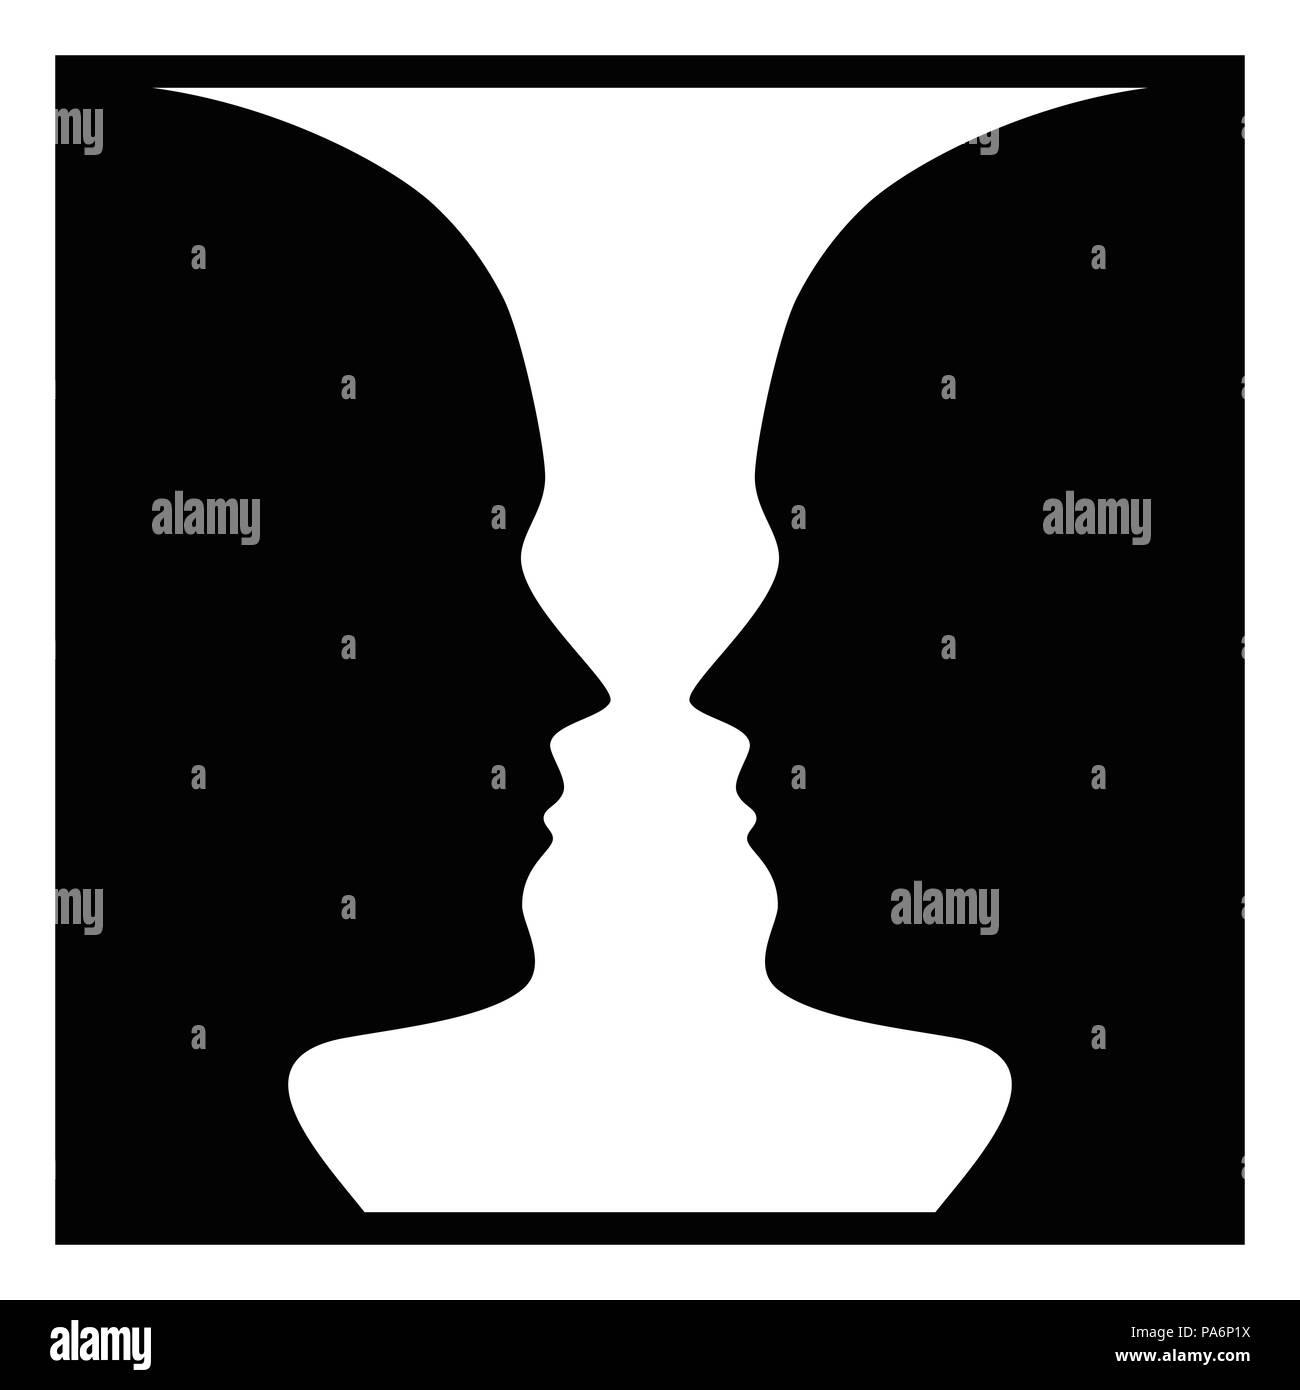 La figura di percezione di massa per il viso e per il vaso. La figura-organizzazione di massa. Raggruppamento percettivo. In psicologia della Gestalt individuando una figura da sfondo. Immagini Stock